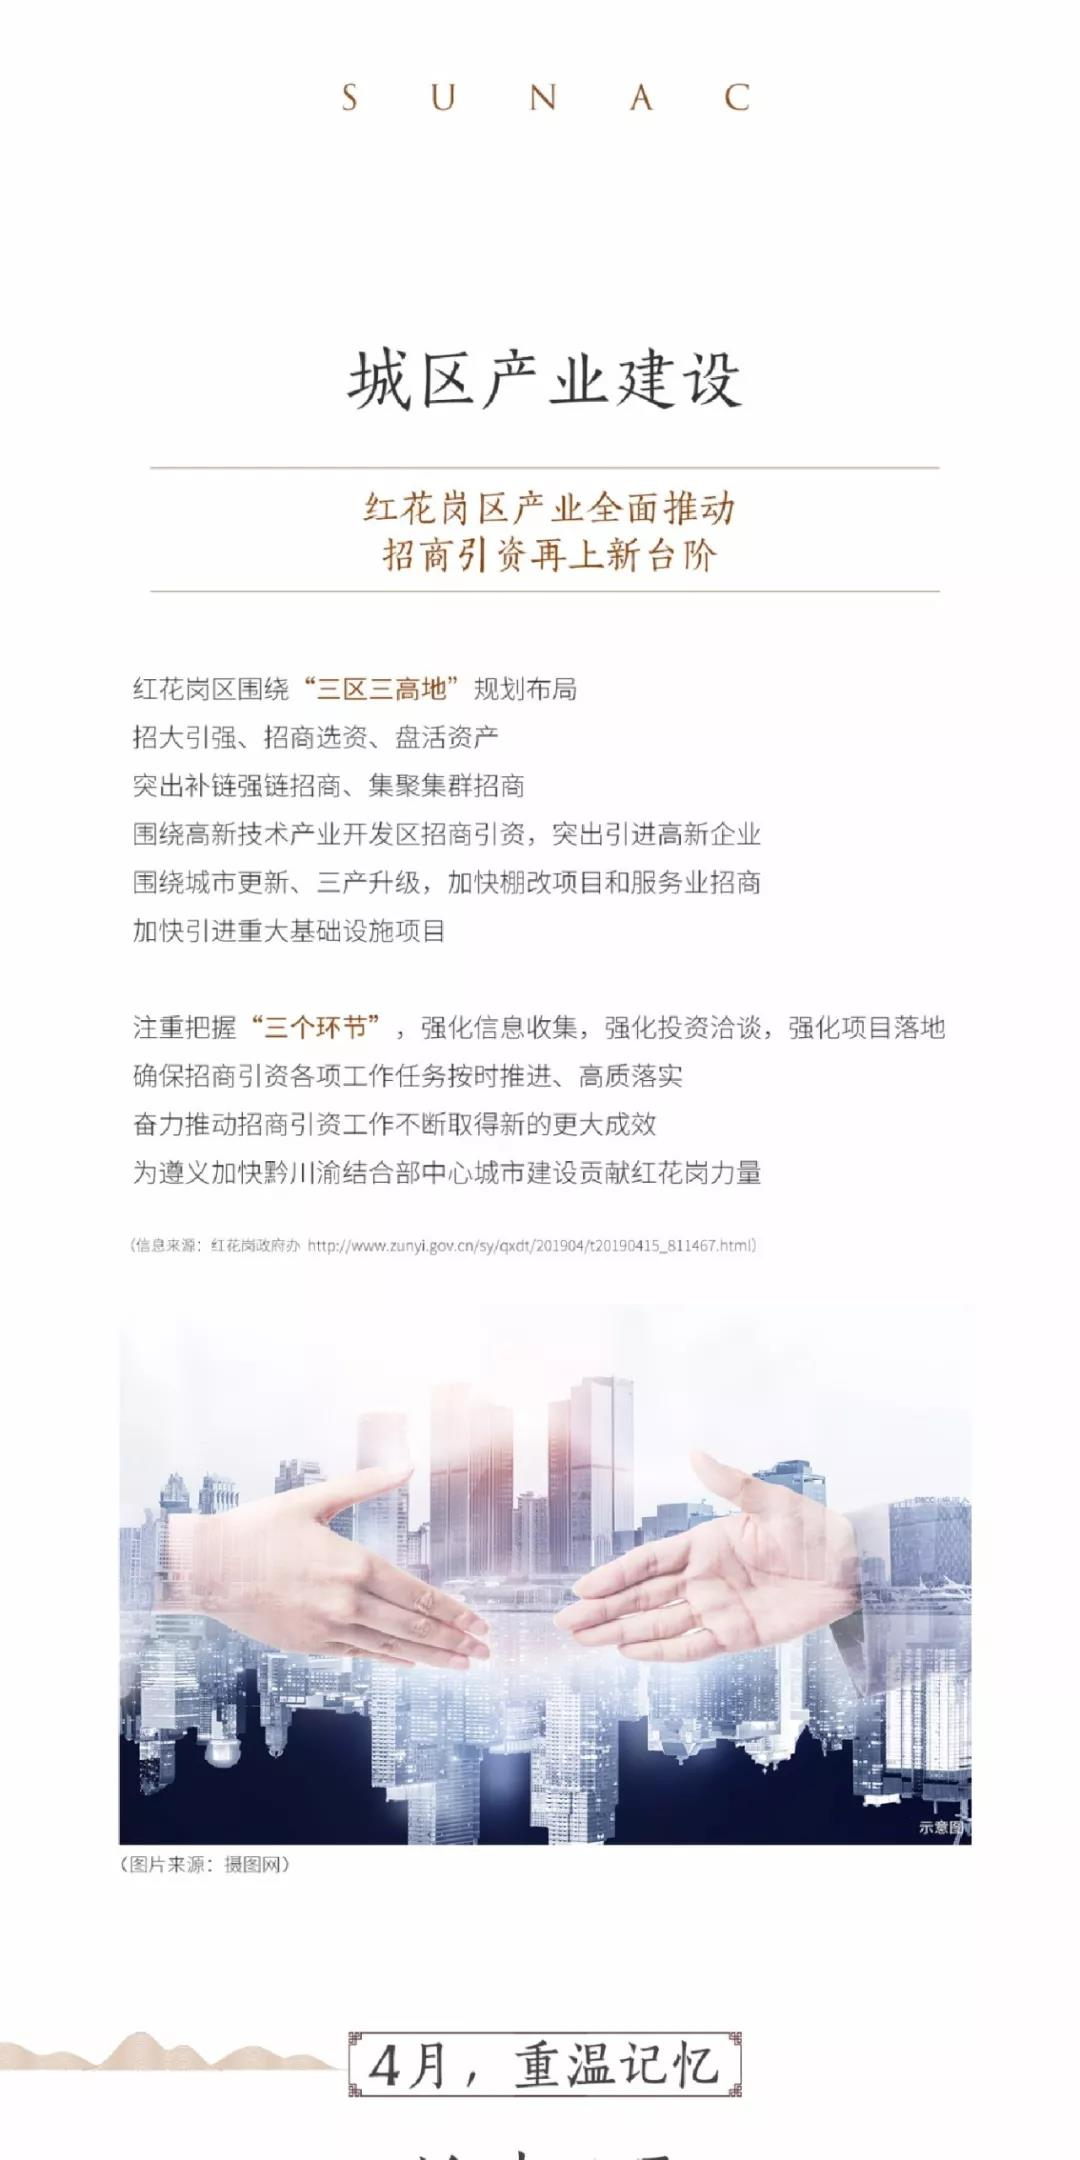 融创·九棠府丨四月家书,春光烂漫时,家书踏青来-中国网地产